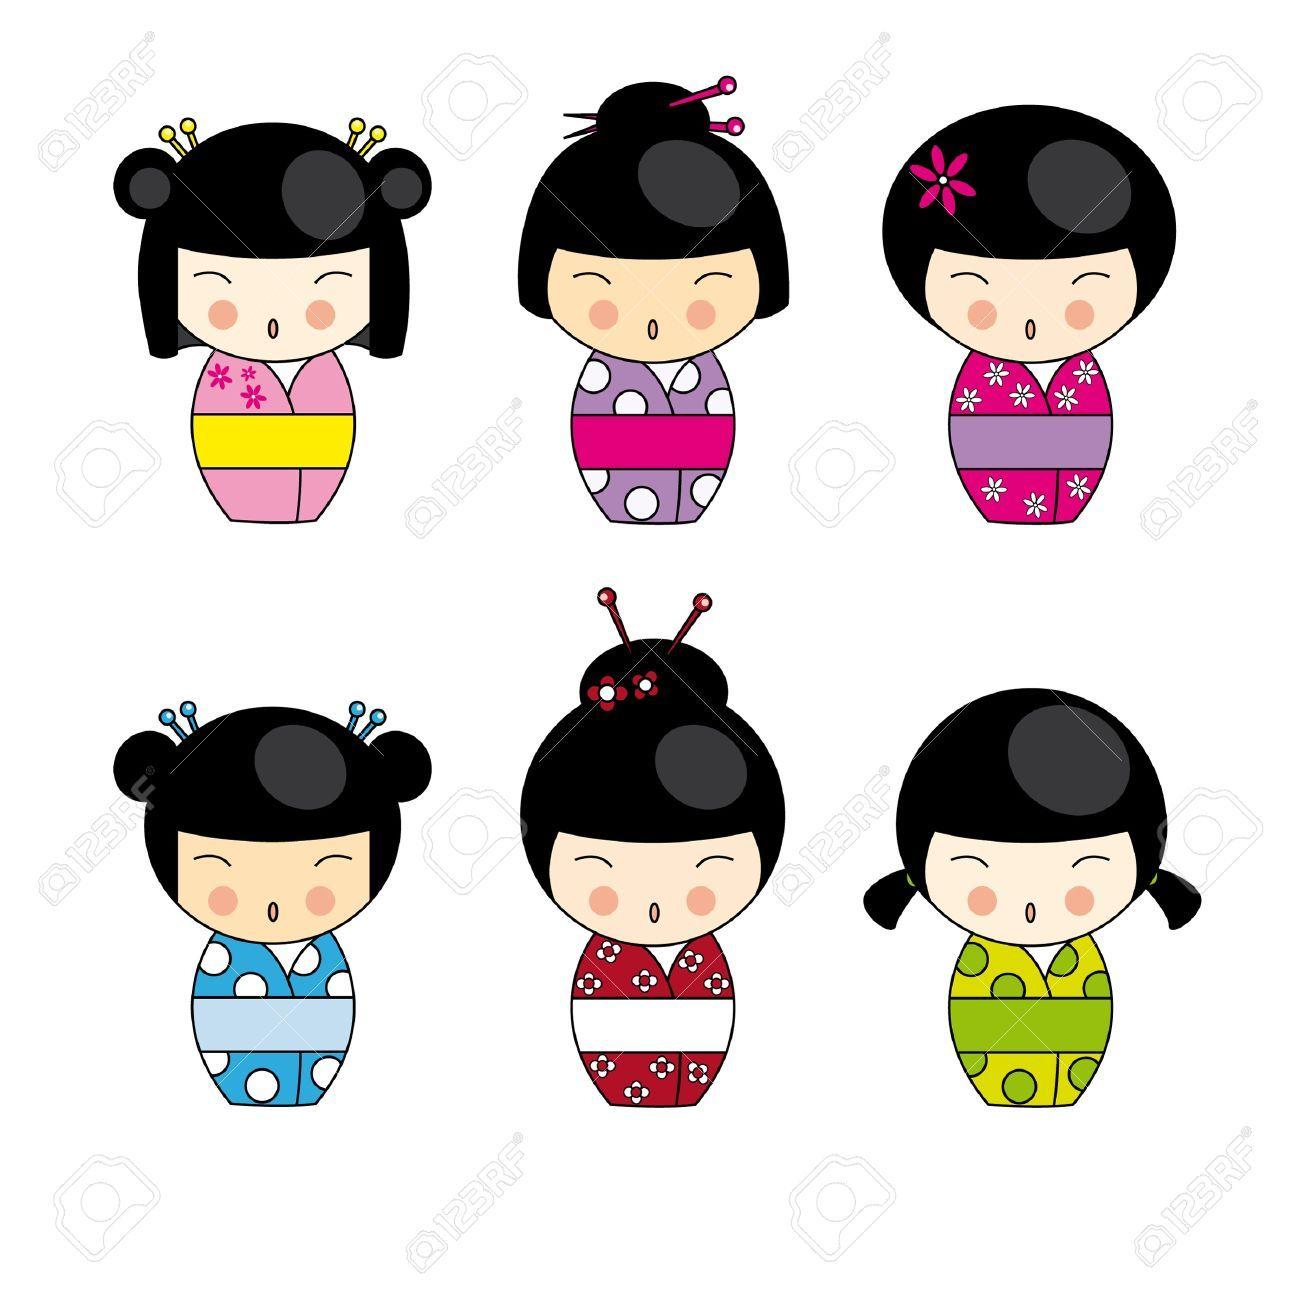 Image result for japanese cartoon character noodle bar newarknj